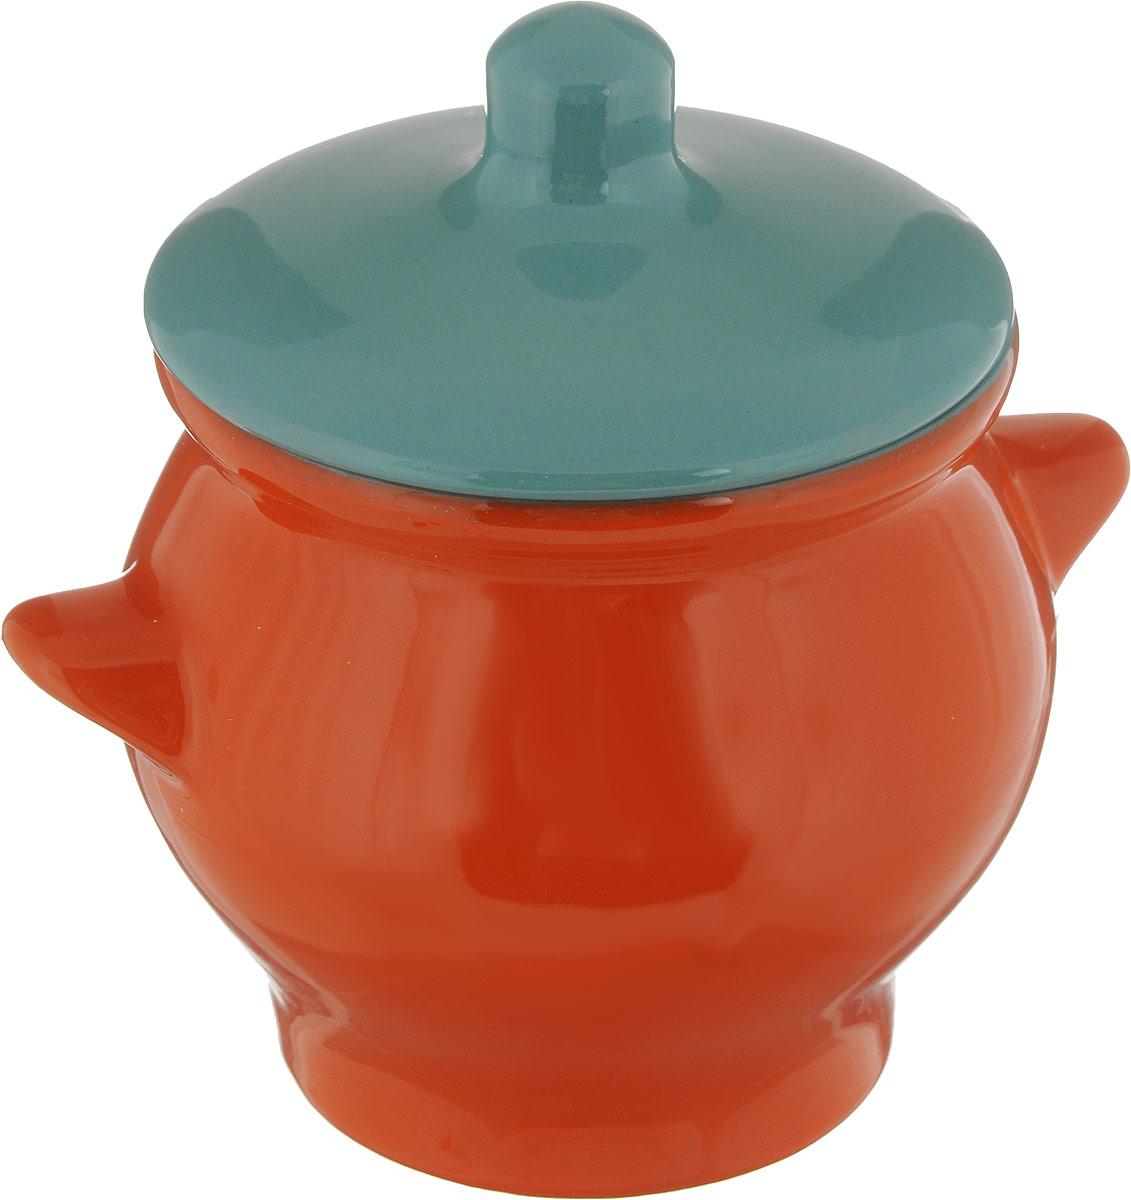 Горшок для жаркого Борисовская керамика Радуга, цвет: оранжевый, бирюзовый, 650 мл горшочек для жаркого борисовская керамика русский мрамор